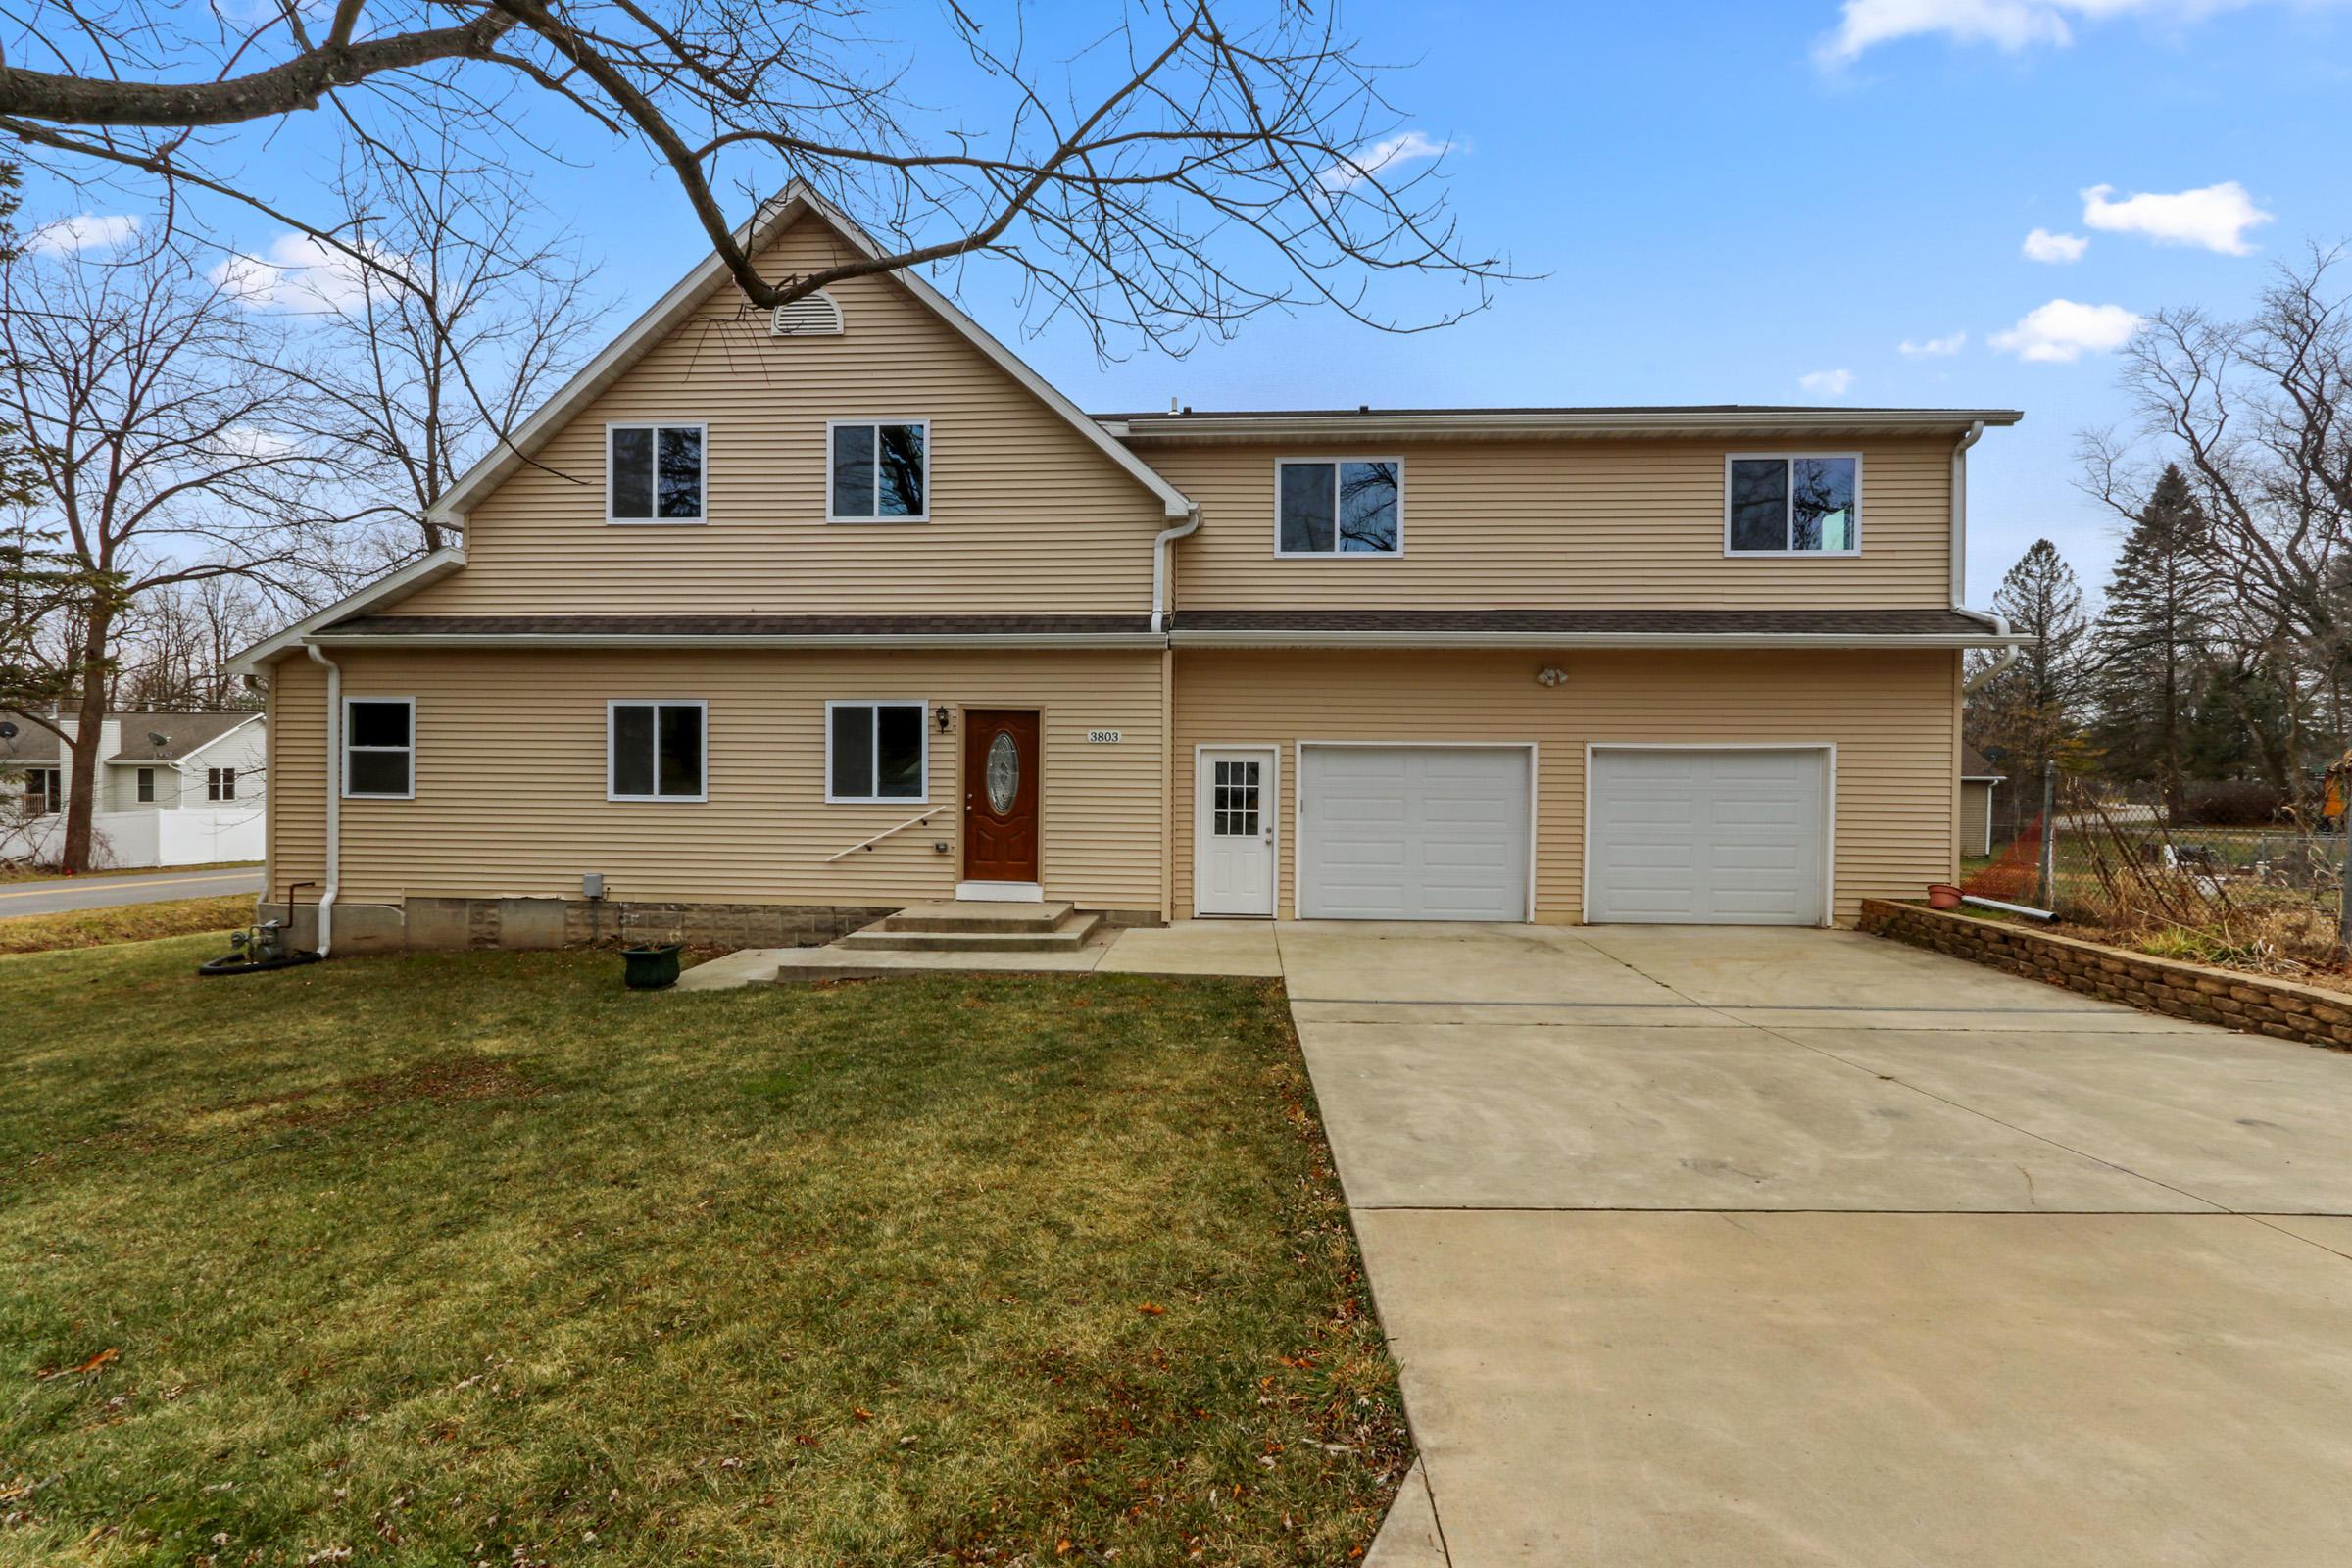 W3803 Magnolia Dr, Geneva, Wisconsin 53147, 5 Bedrooms Bedrooms, ,3 BathroomsBathrooms,Single-family,For Sale,Magnolia Dr,1721381